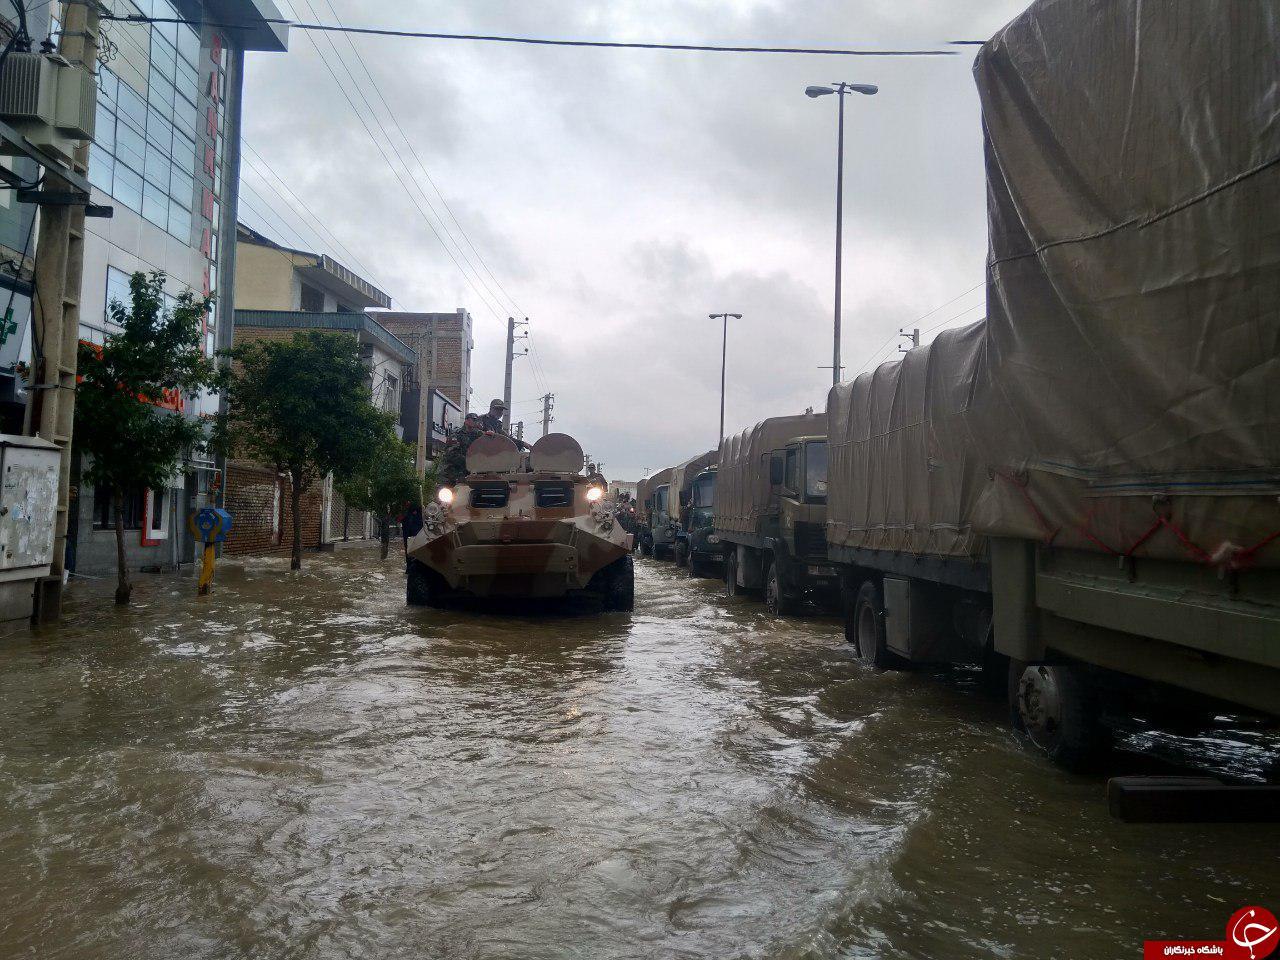 نیروی زمینی ارتش با نفربرهای BTR به یاری سیلزدگان آمد